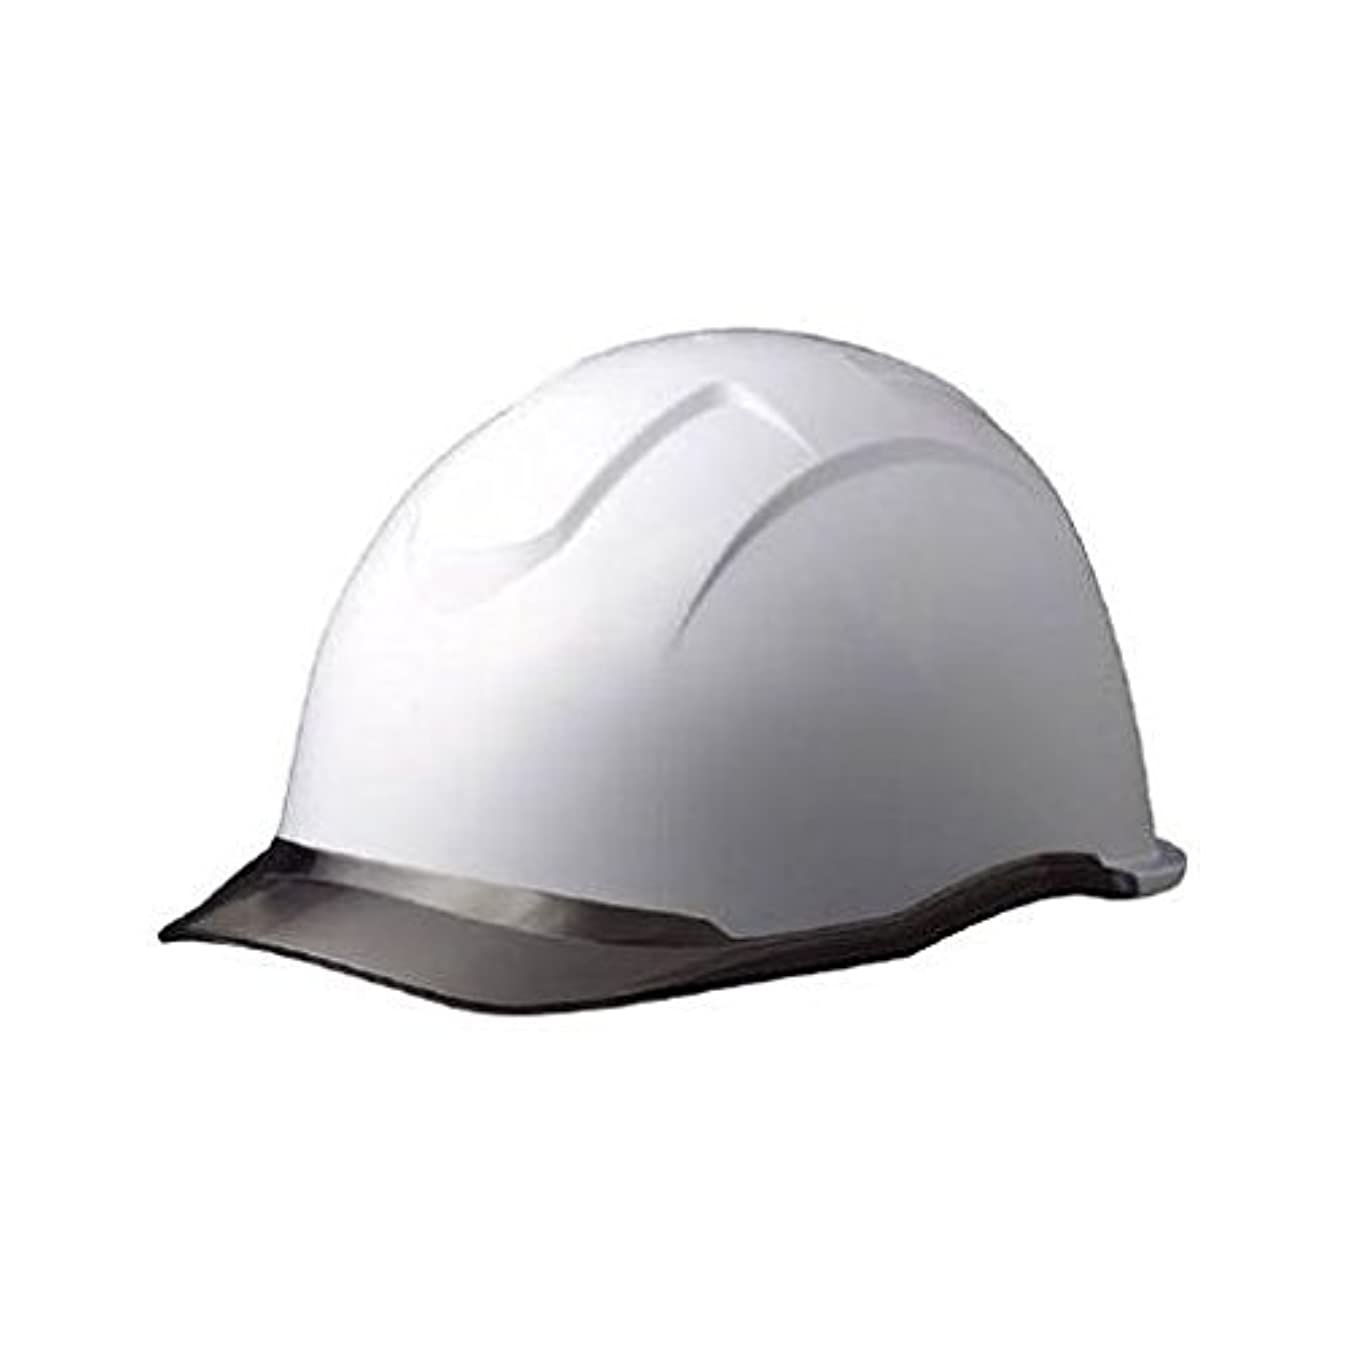 頬発音潜在的なCT96575 PC製ヘルメット【透明バイザータイプ】